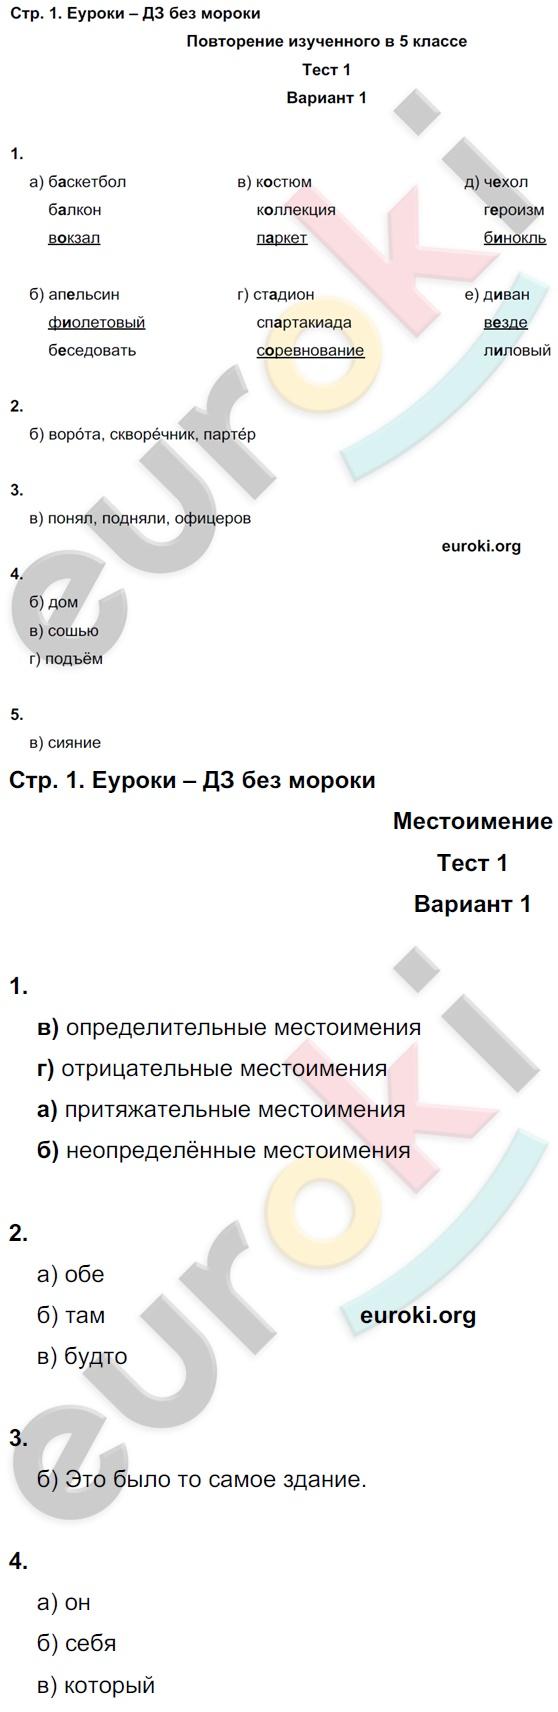 Задания : с. 1 - решение